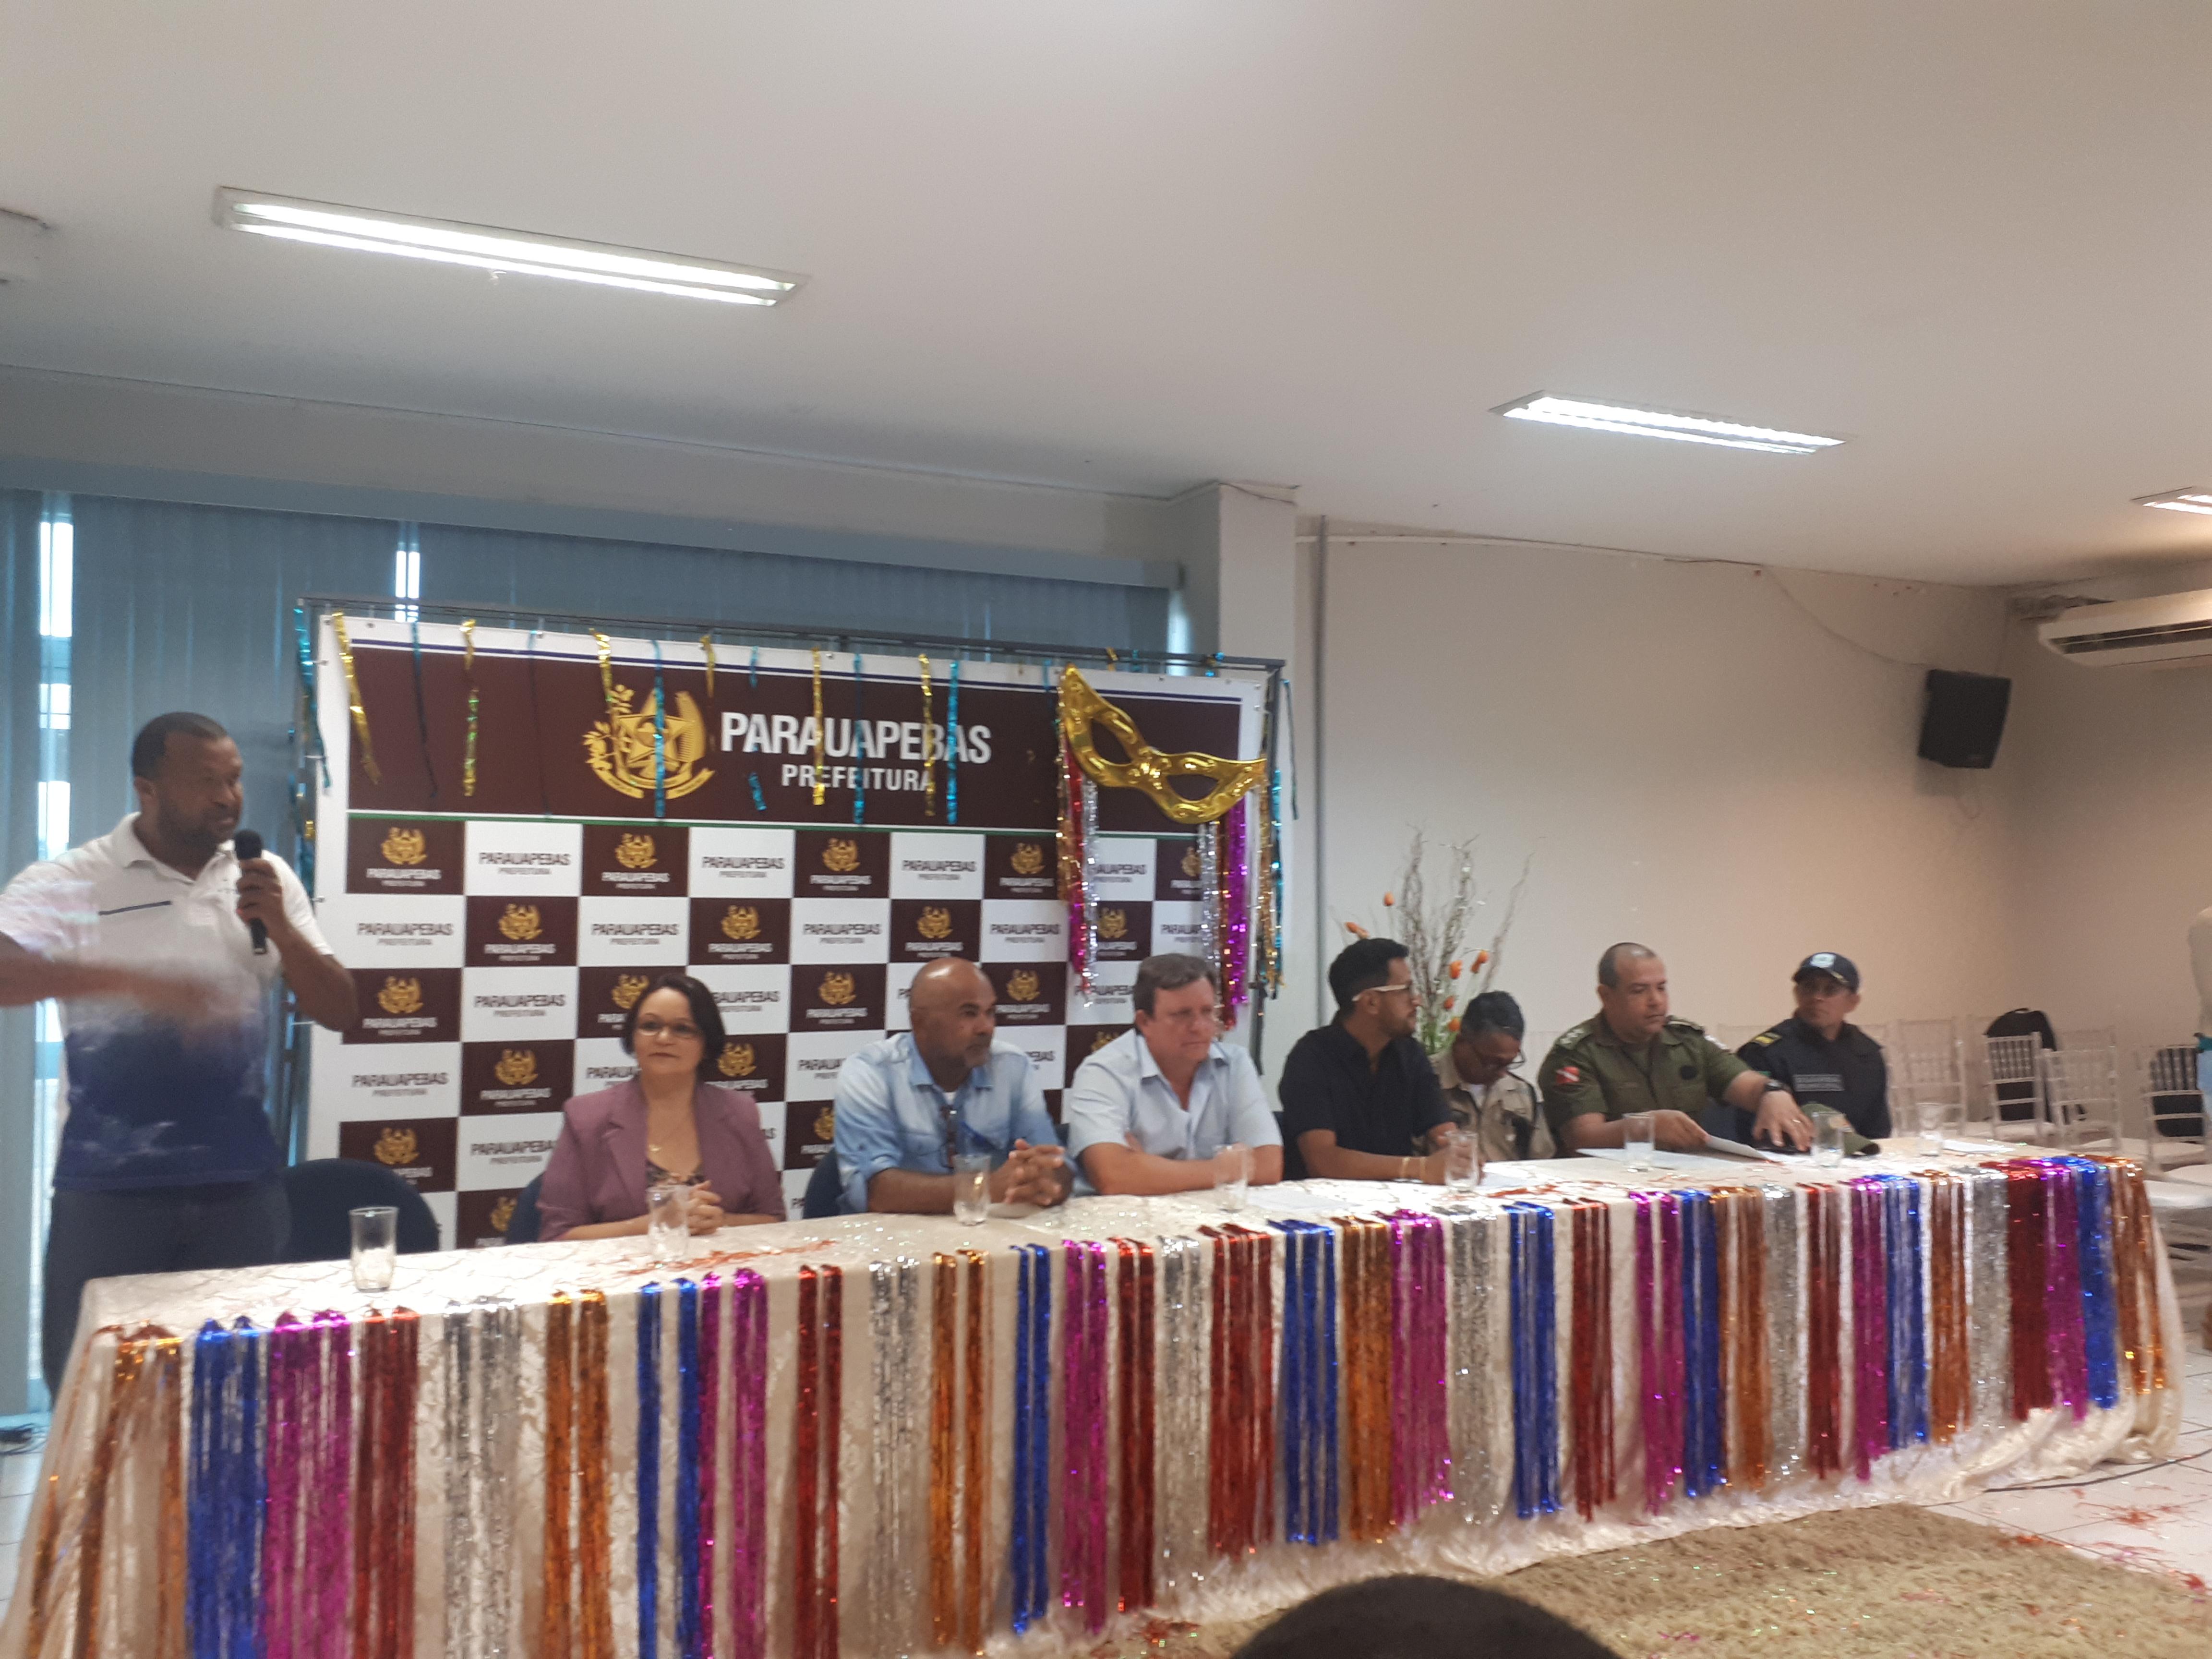 Programação do carnaval de Parauapebas é divulgada através de coletiva de imprensa